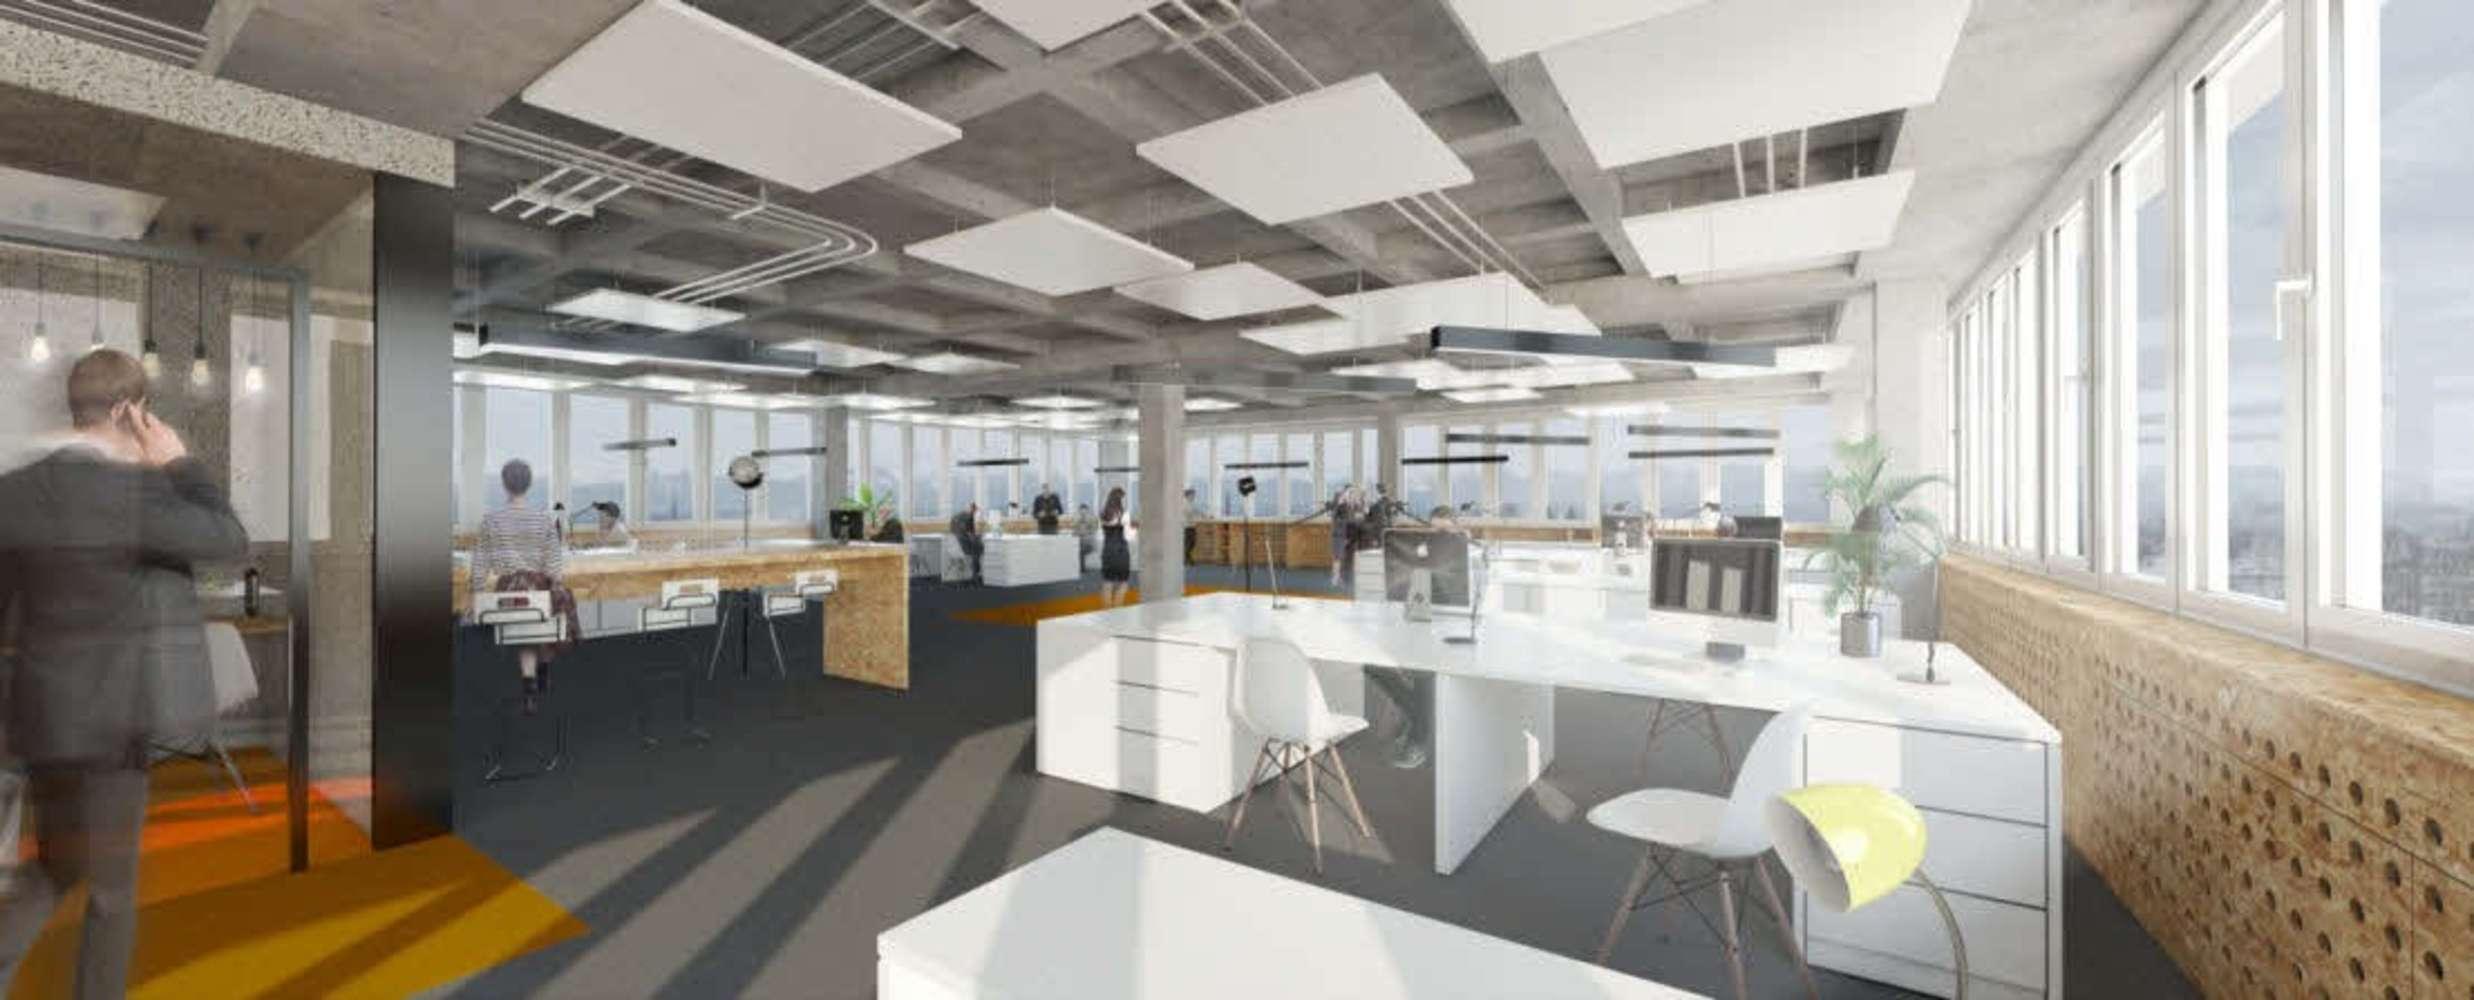 Büros Berlin, 10369 - Büro - Berlin, Lichtenberg - B1017 - 9555860